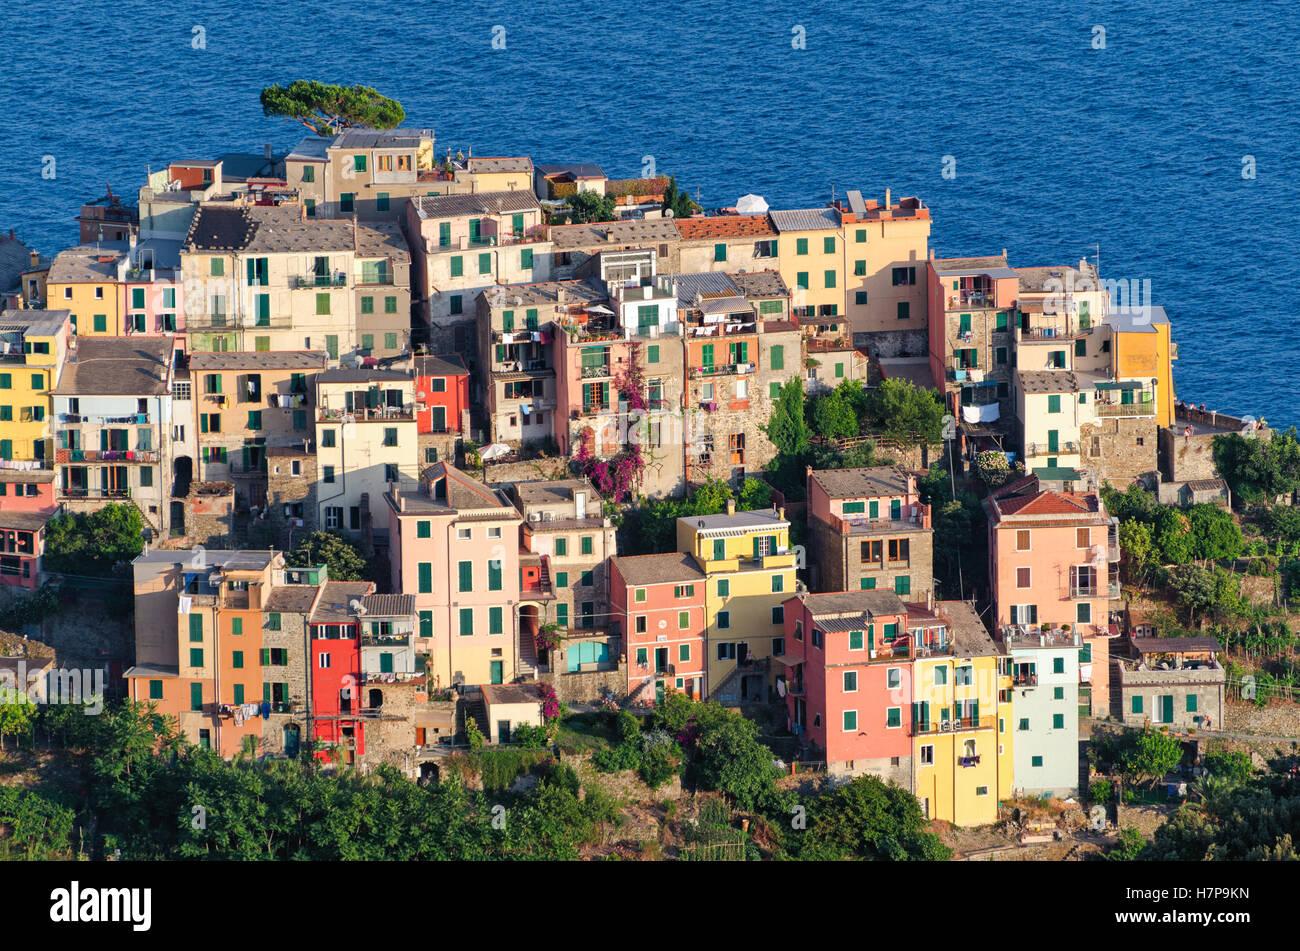 Corniglia (Cinque Terre) vista panorámica al atardecer Foto de stock